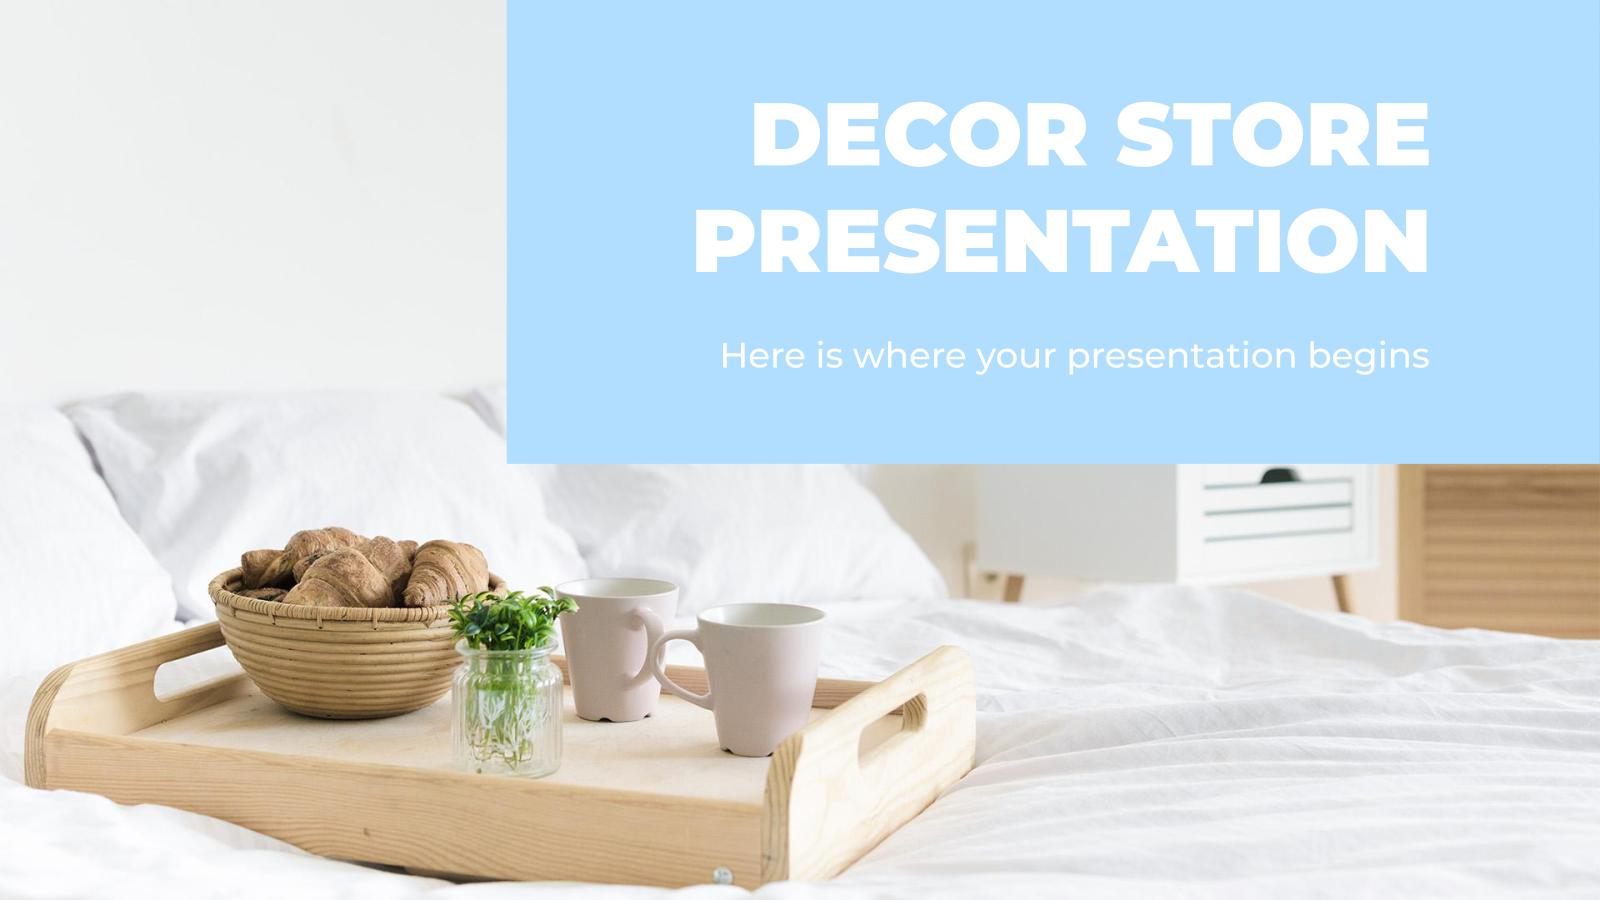 Decor Store presentation template